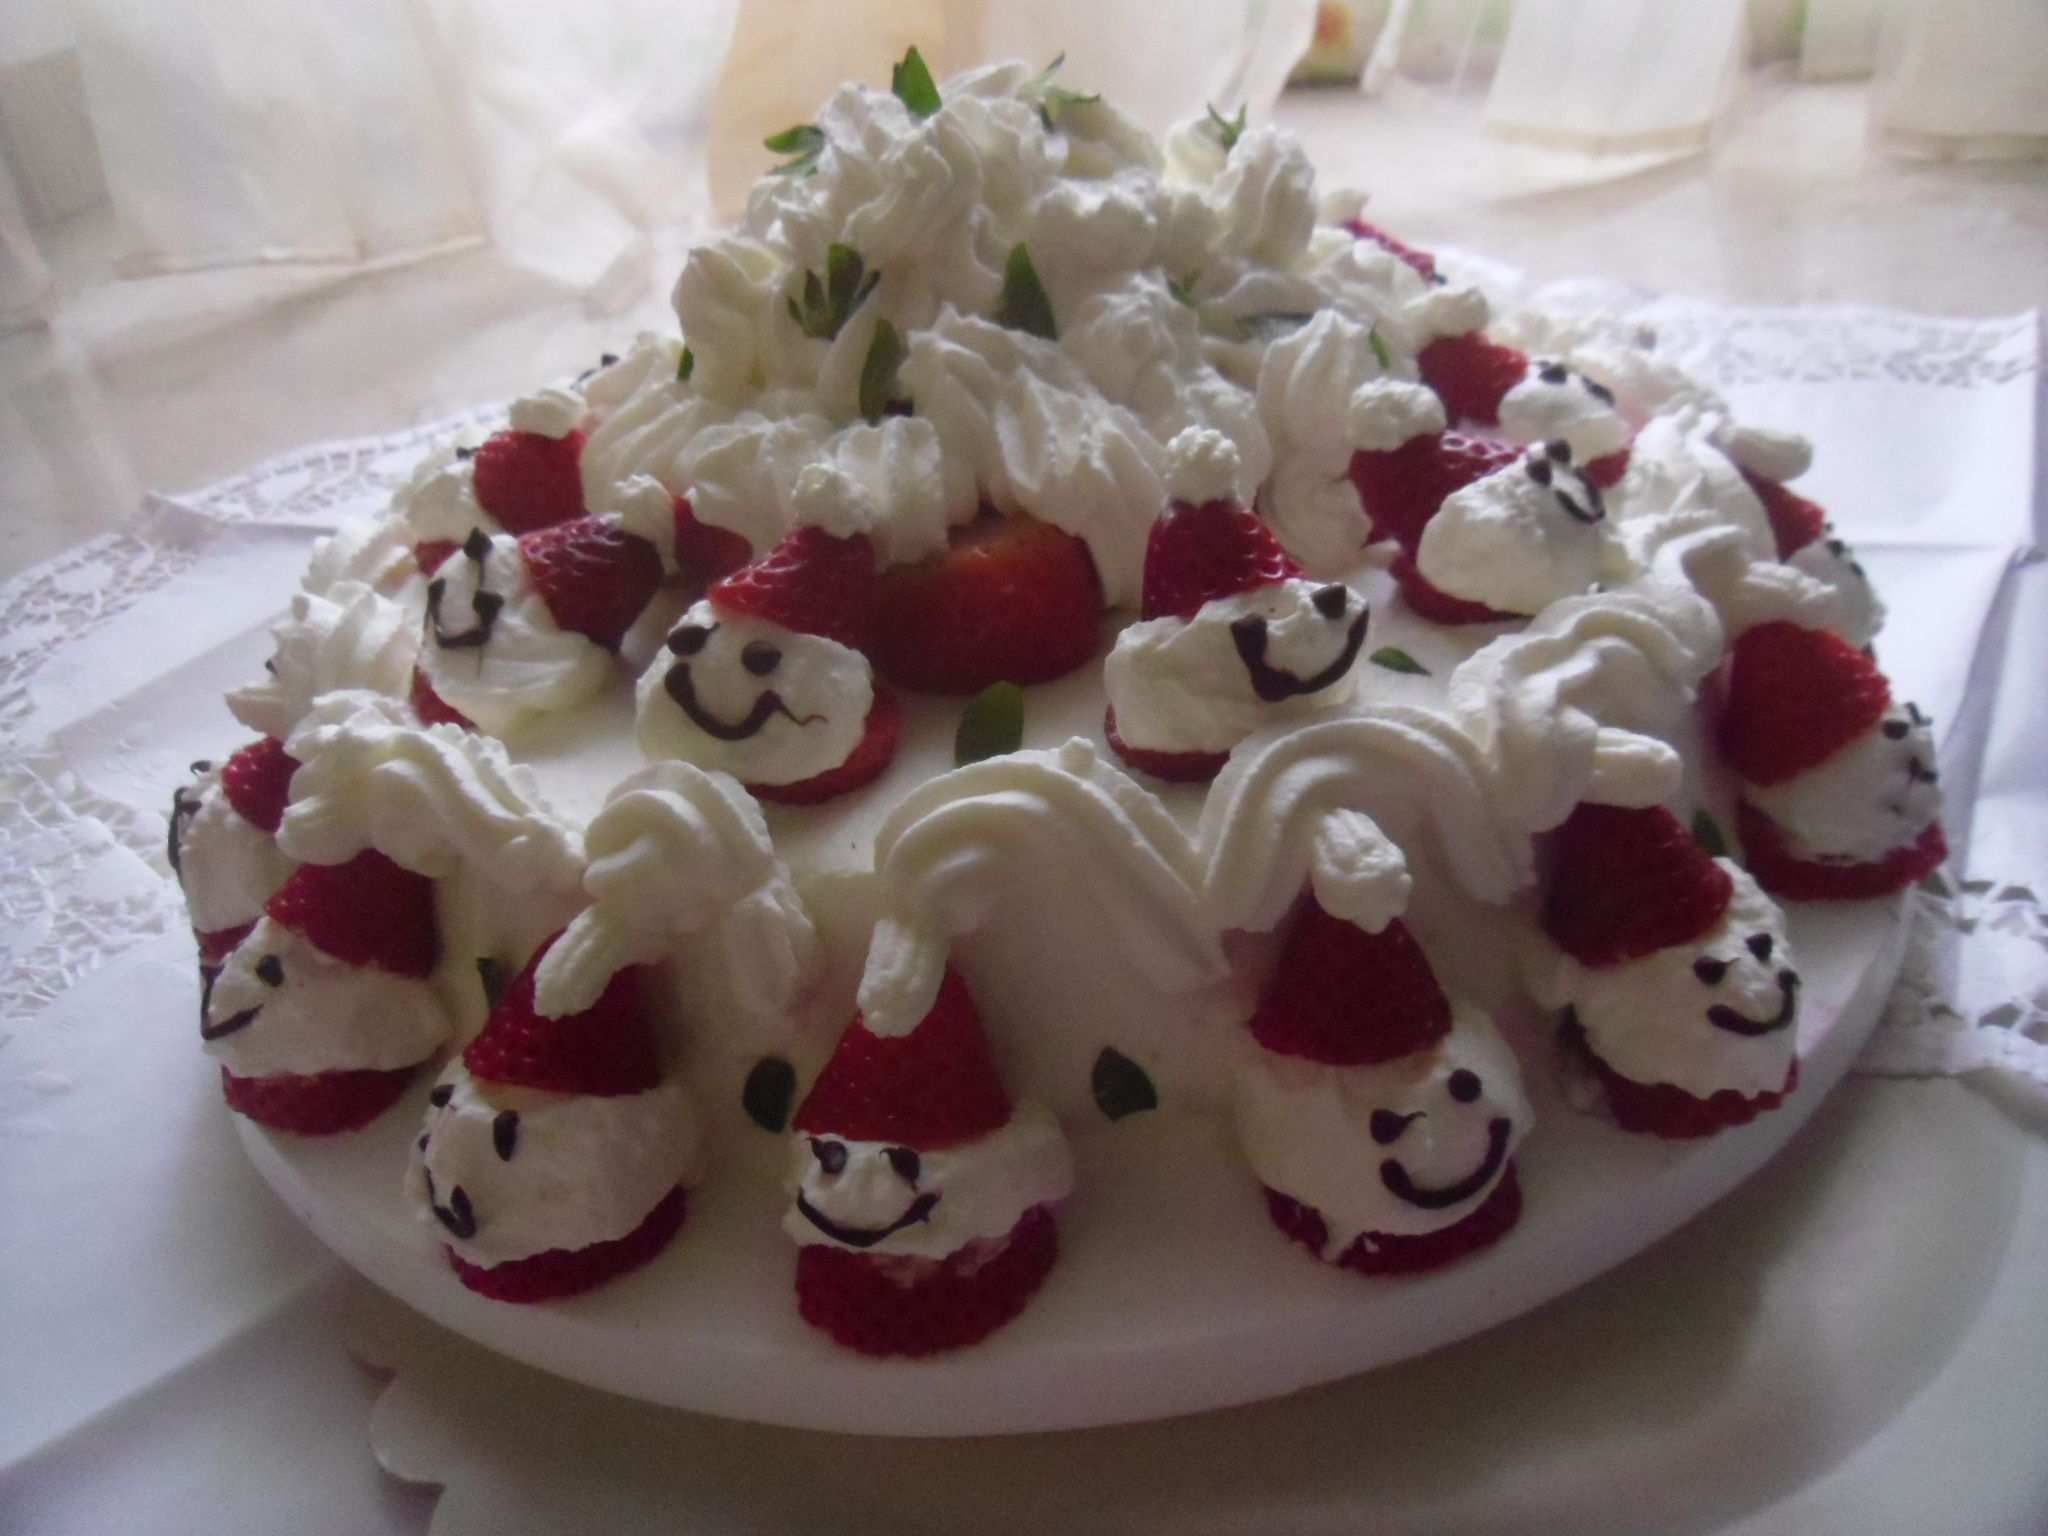 Ricetta torta alle fragole con omini di fragola fragole for Decorazioni di torte con panna montata